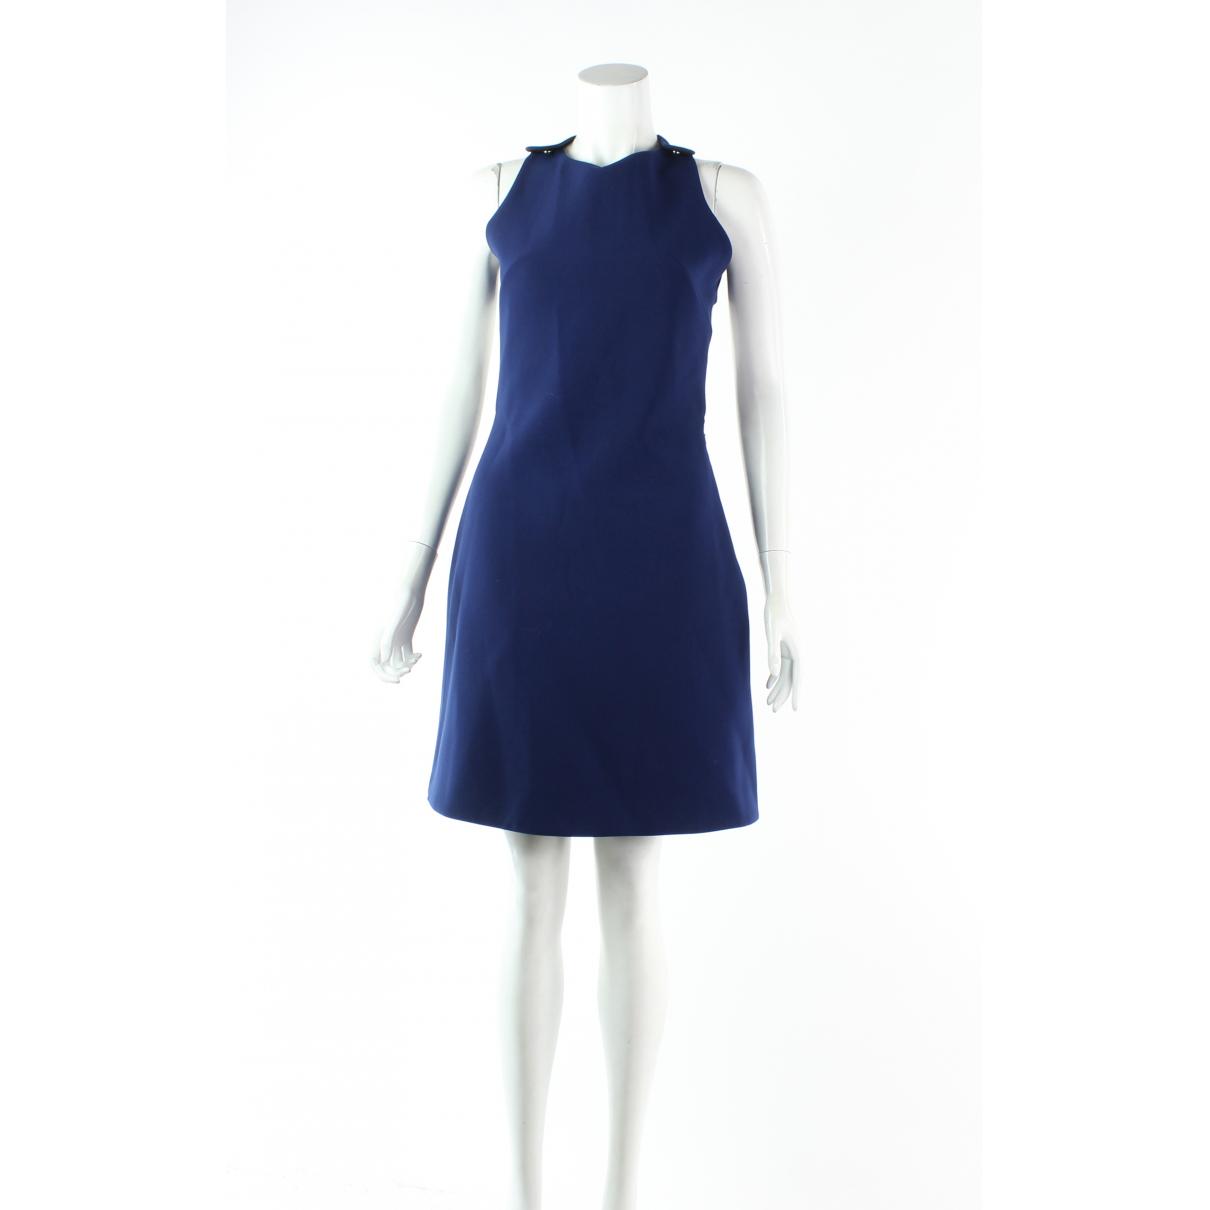 Carven \N Kleid in  Marine Polyester